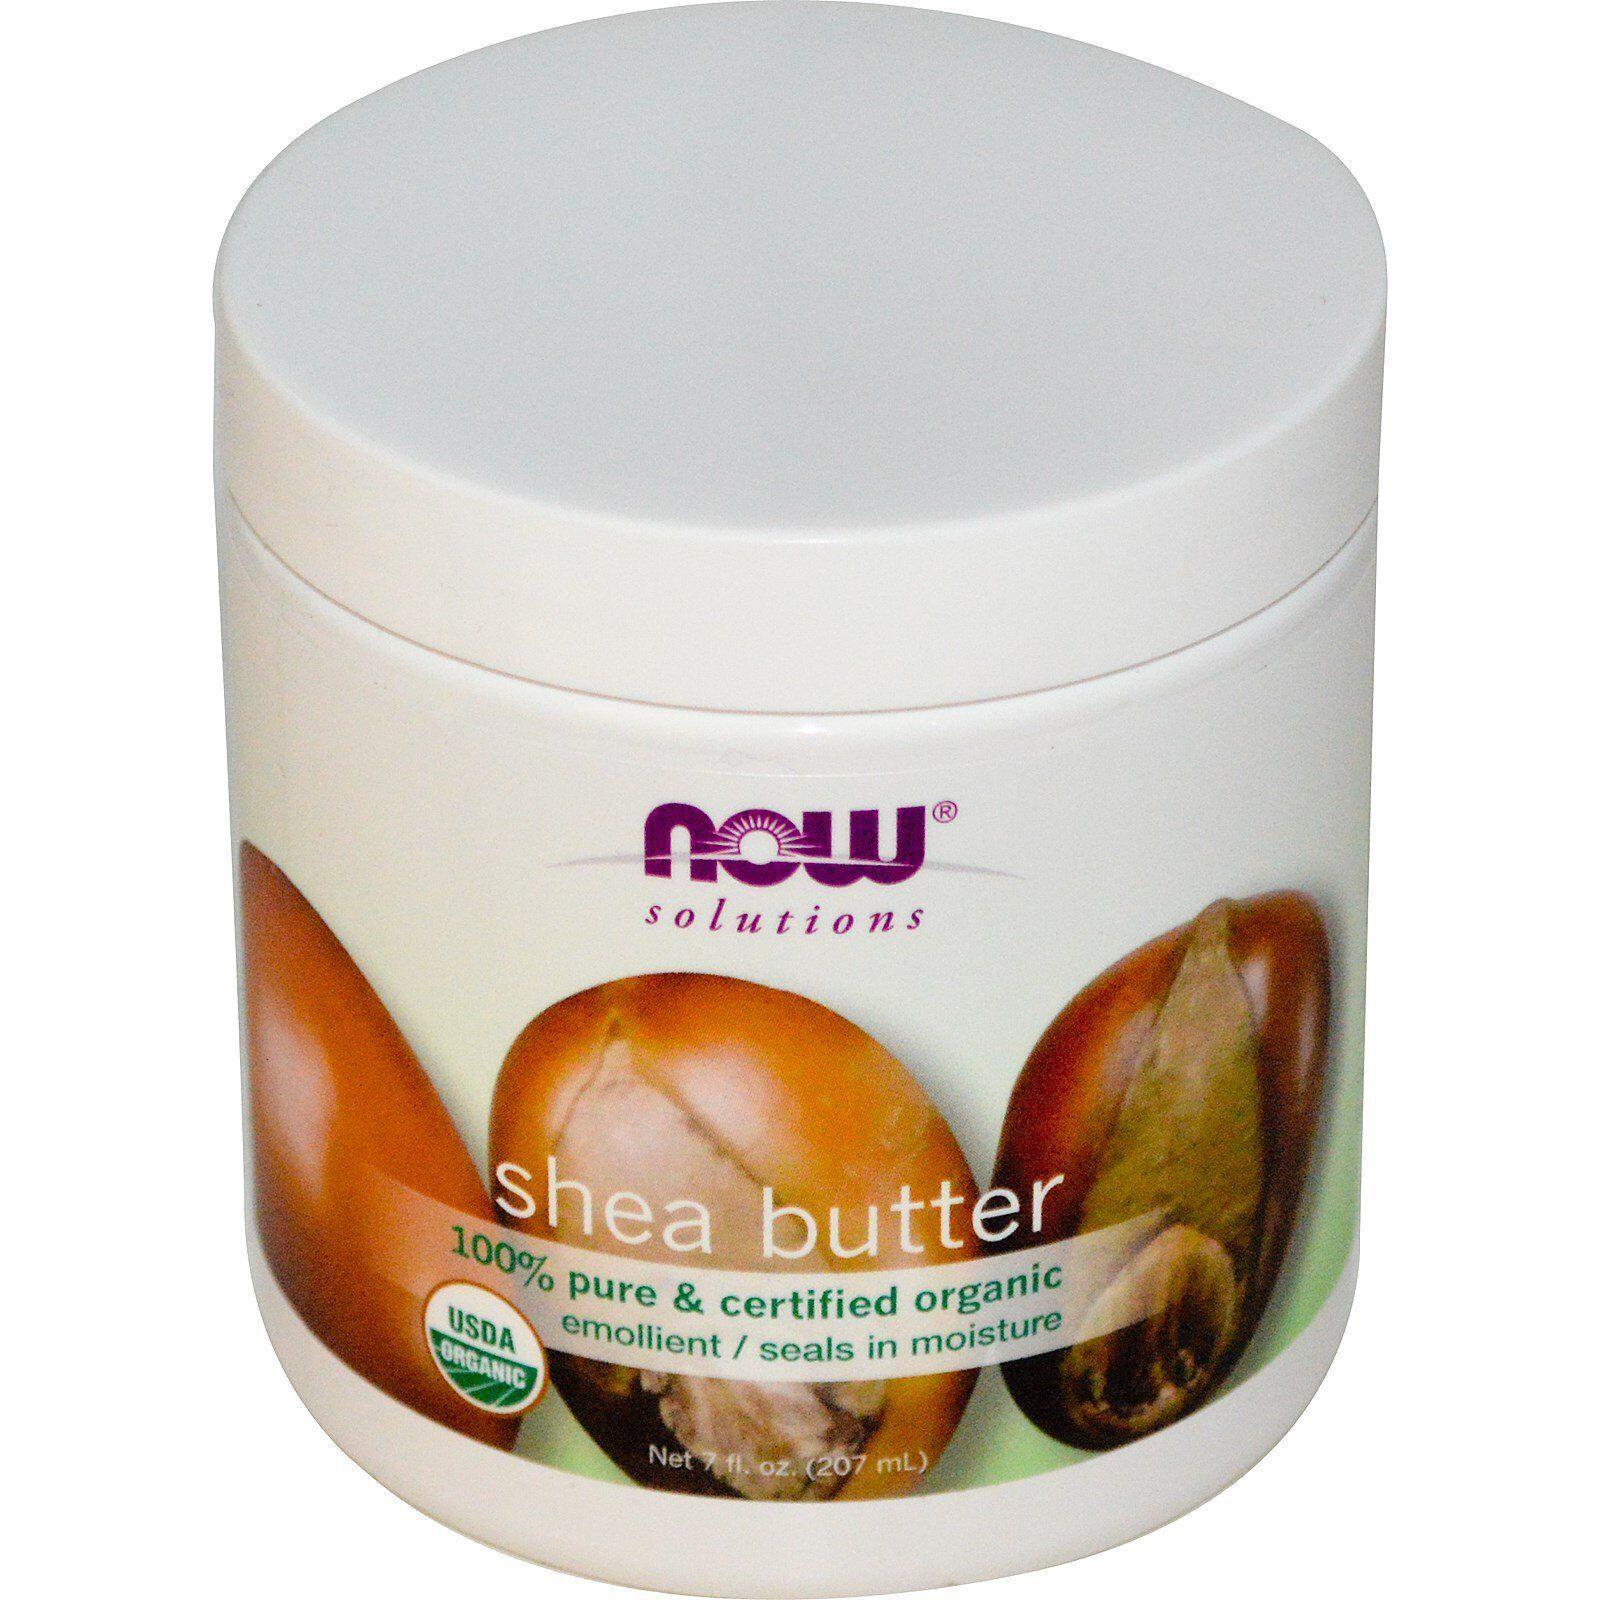 7 Rekomendasi Produk Shea Butter Murah, Bagus buat Kulit